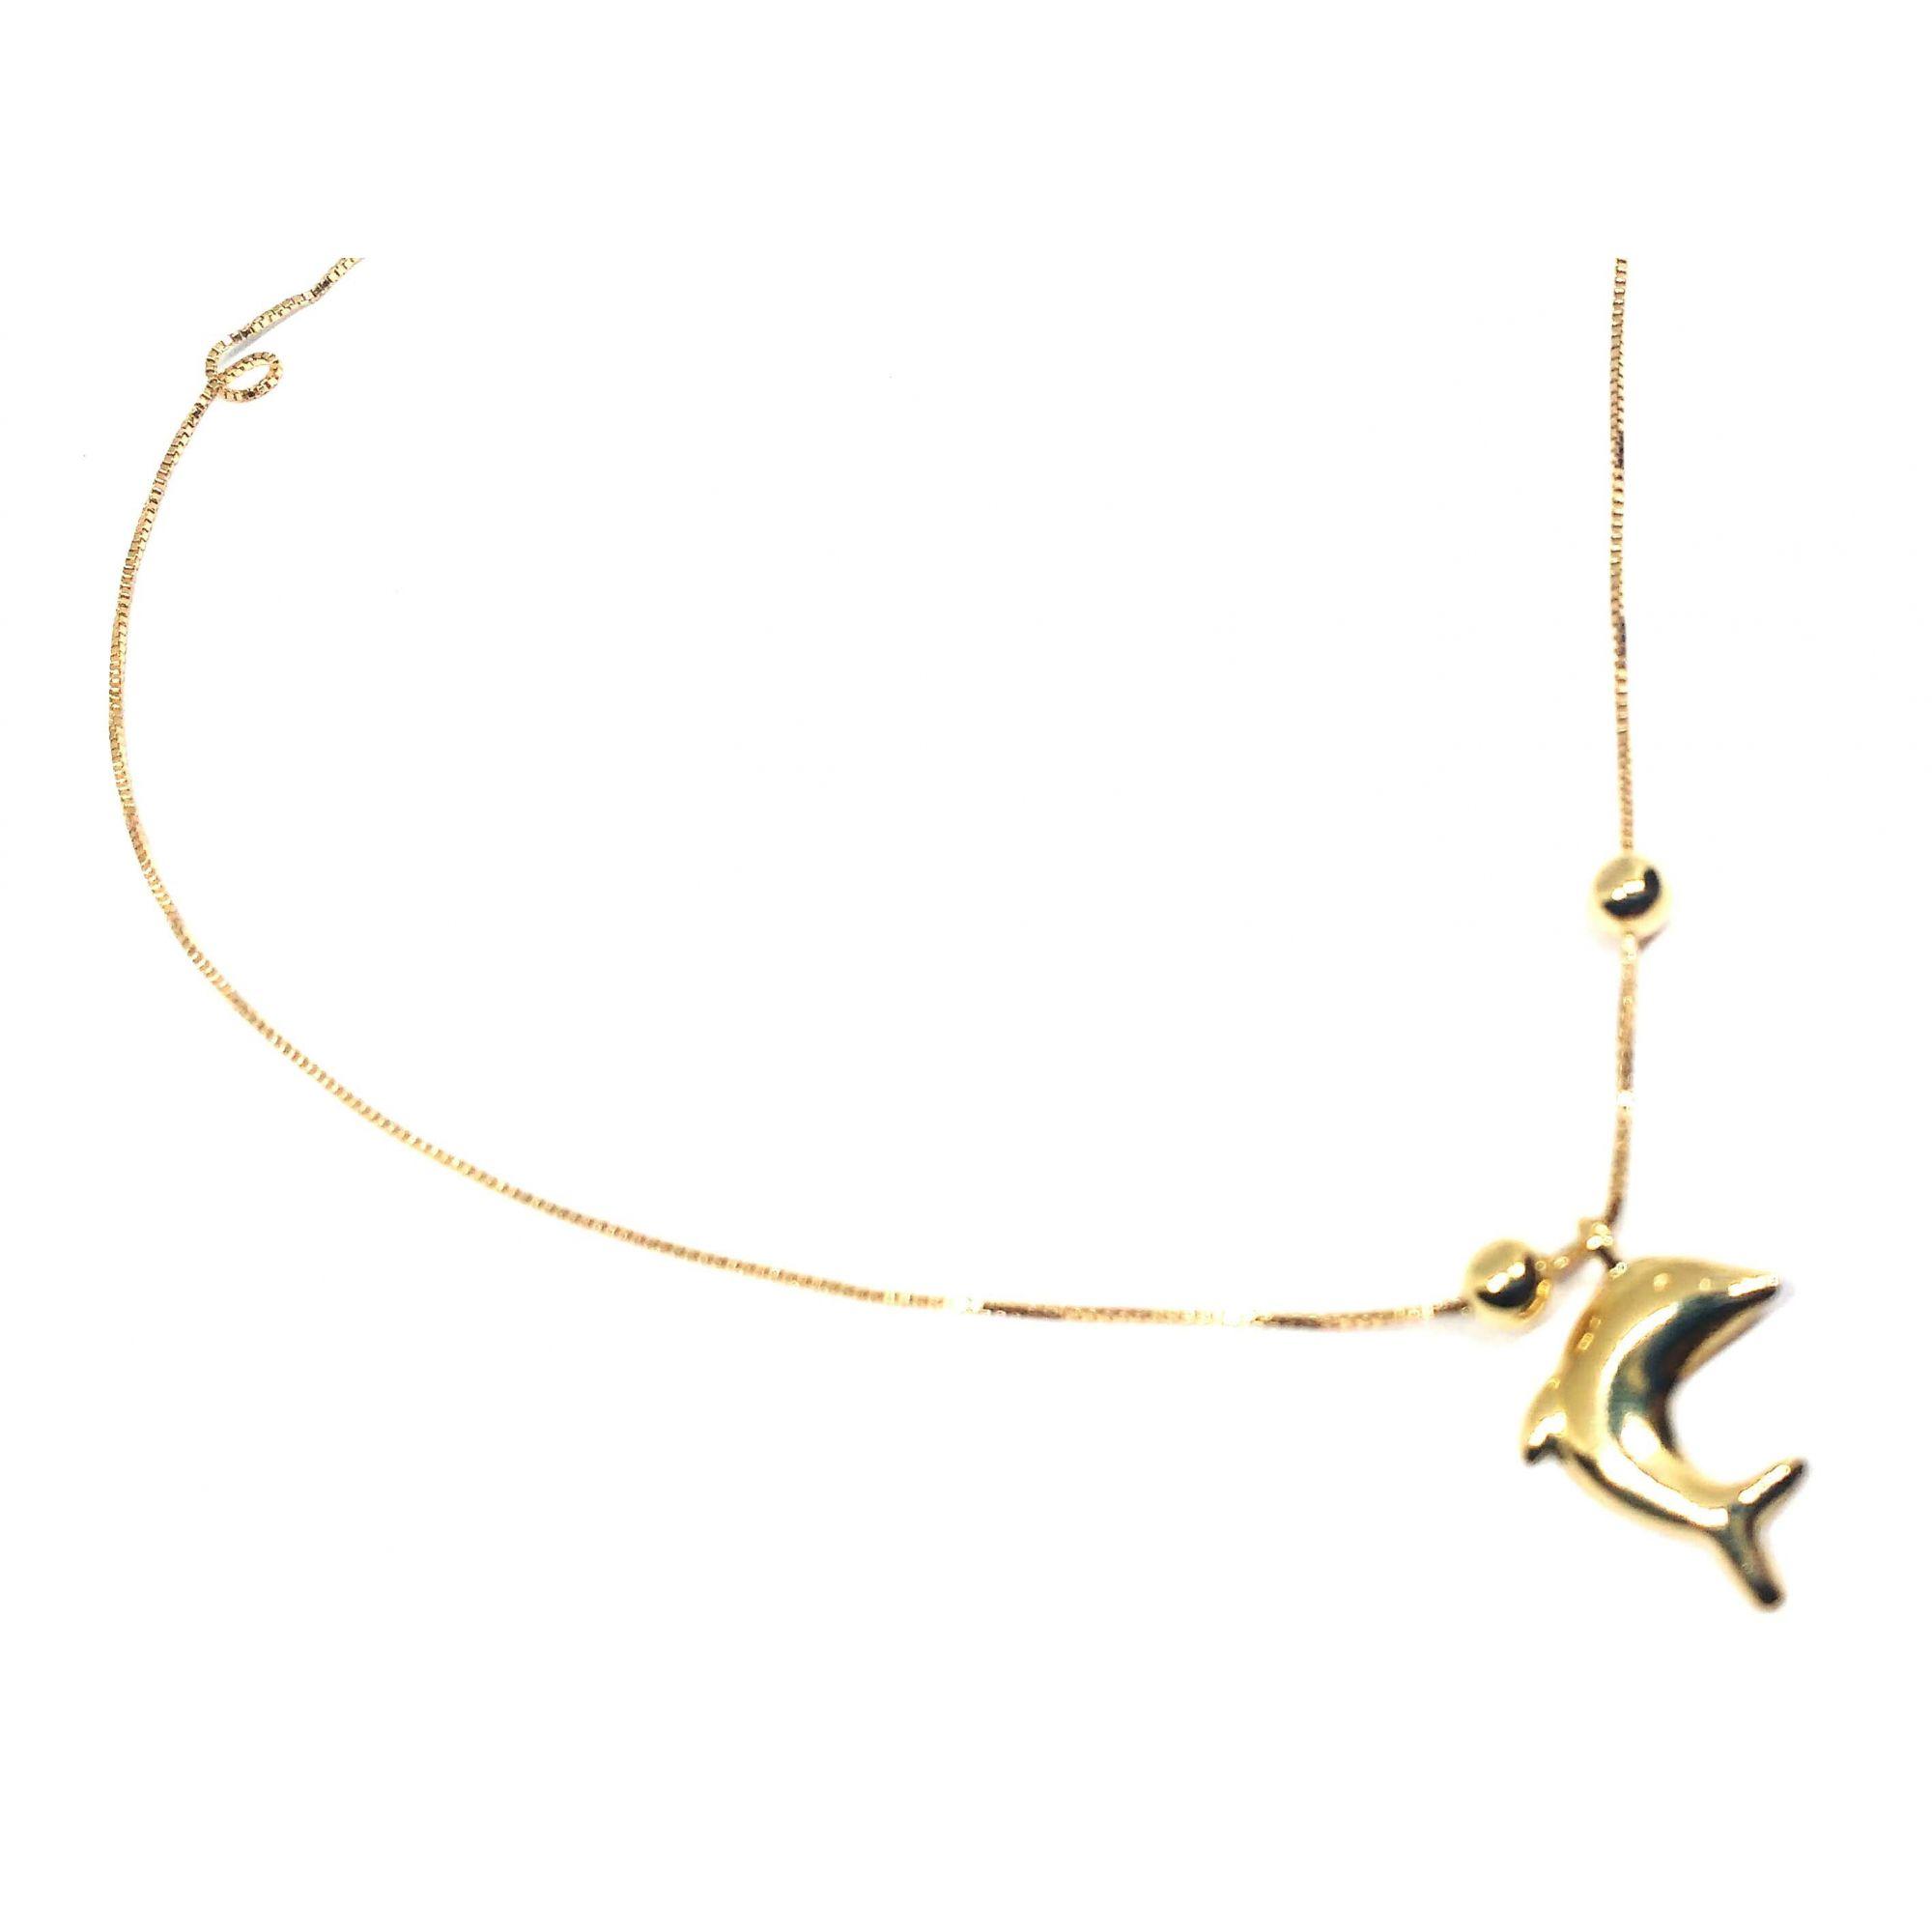 Tornozeleira de ouro 18k com pingente de golfinho